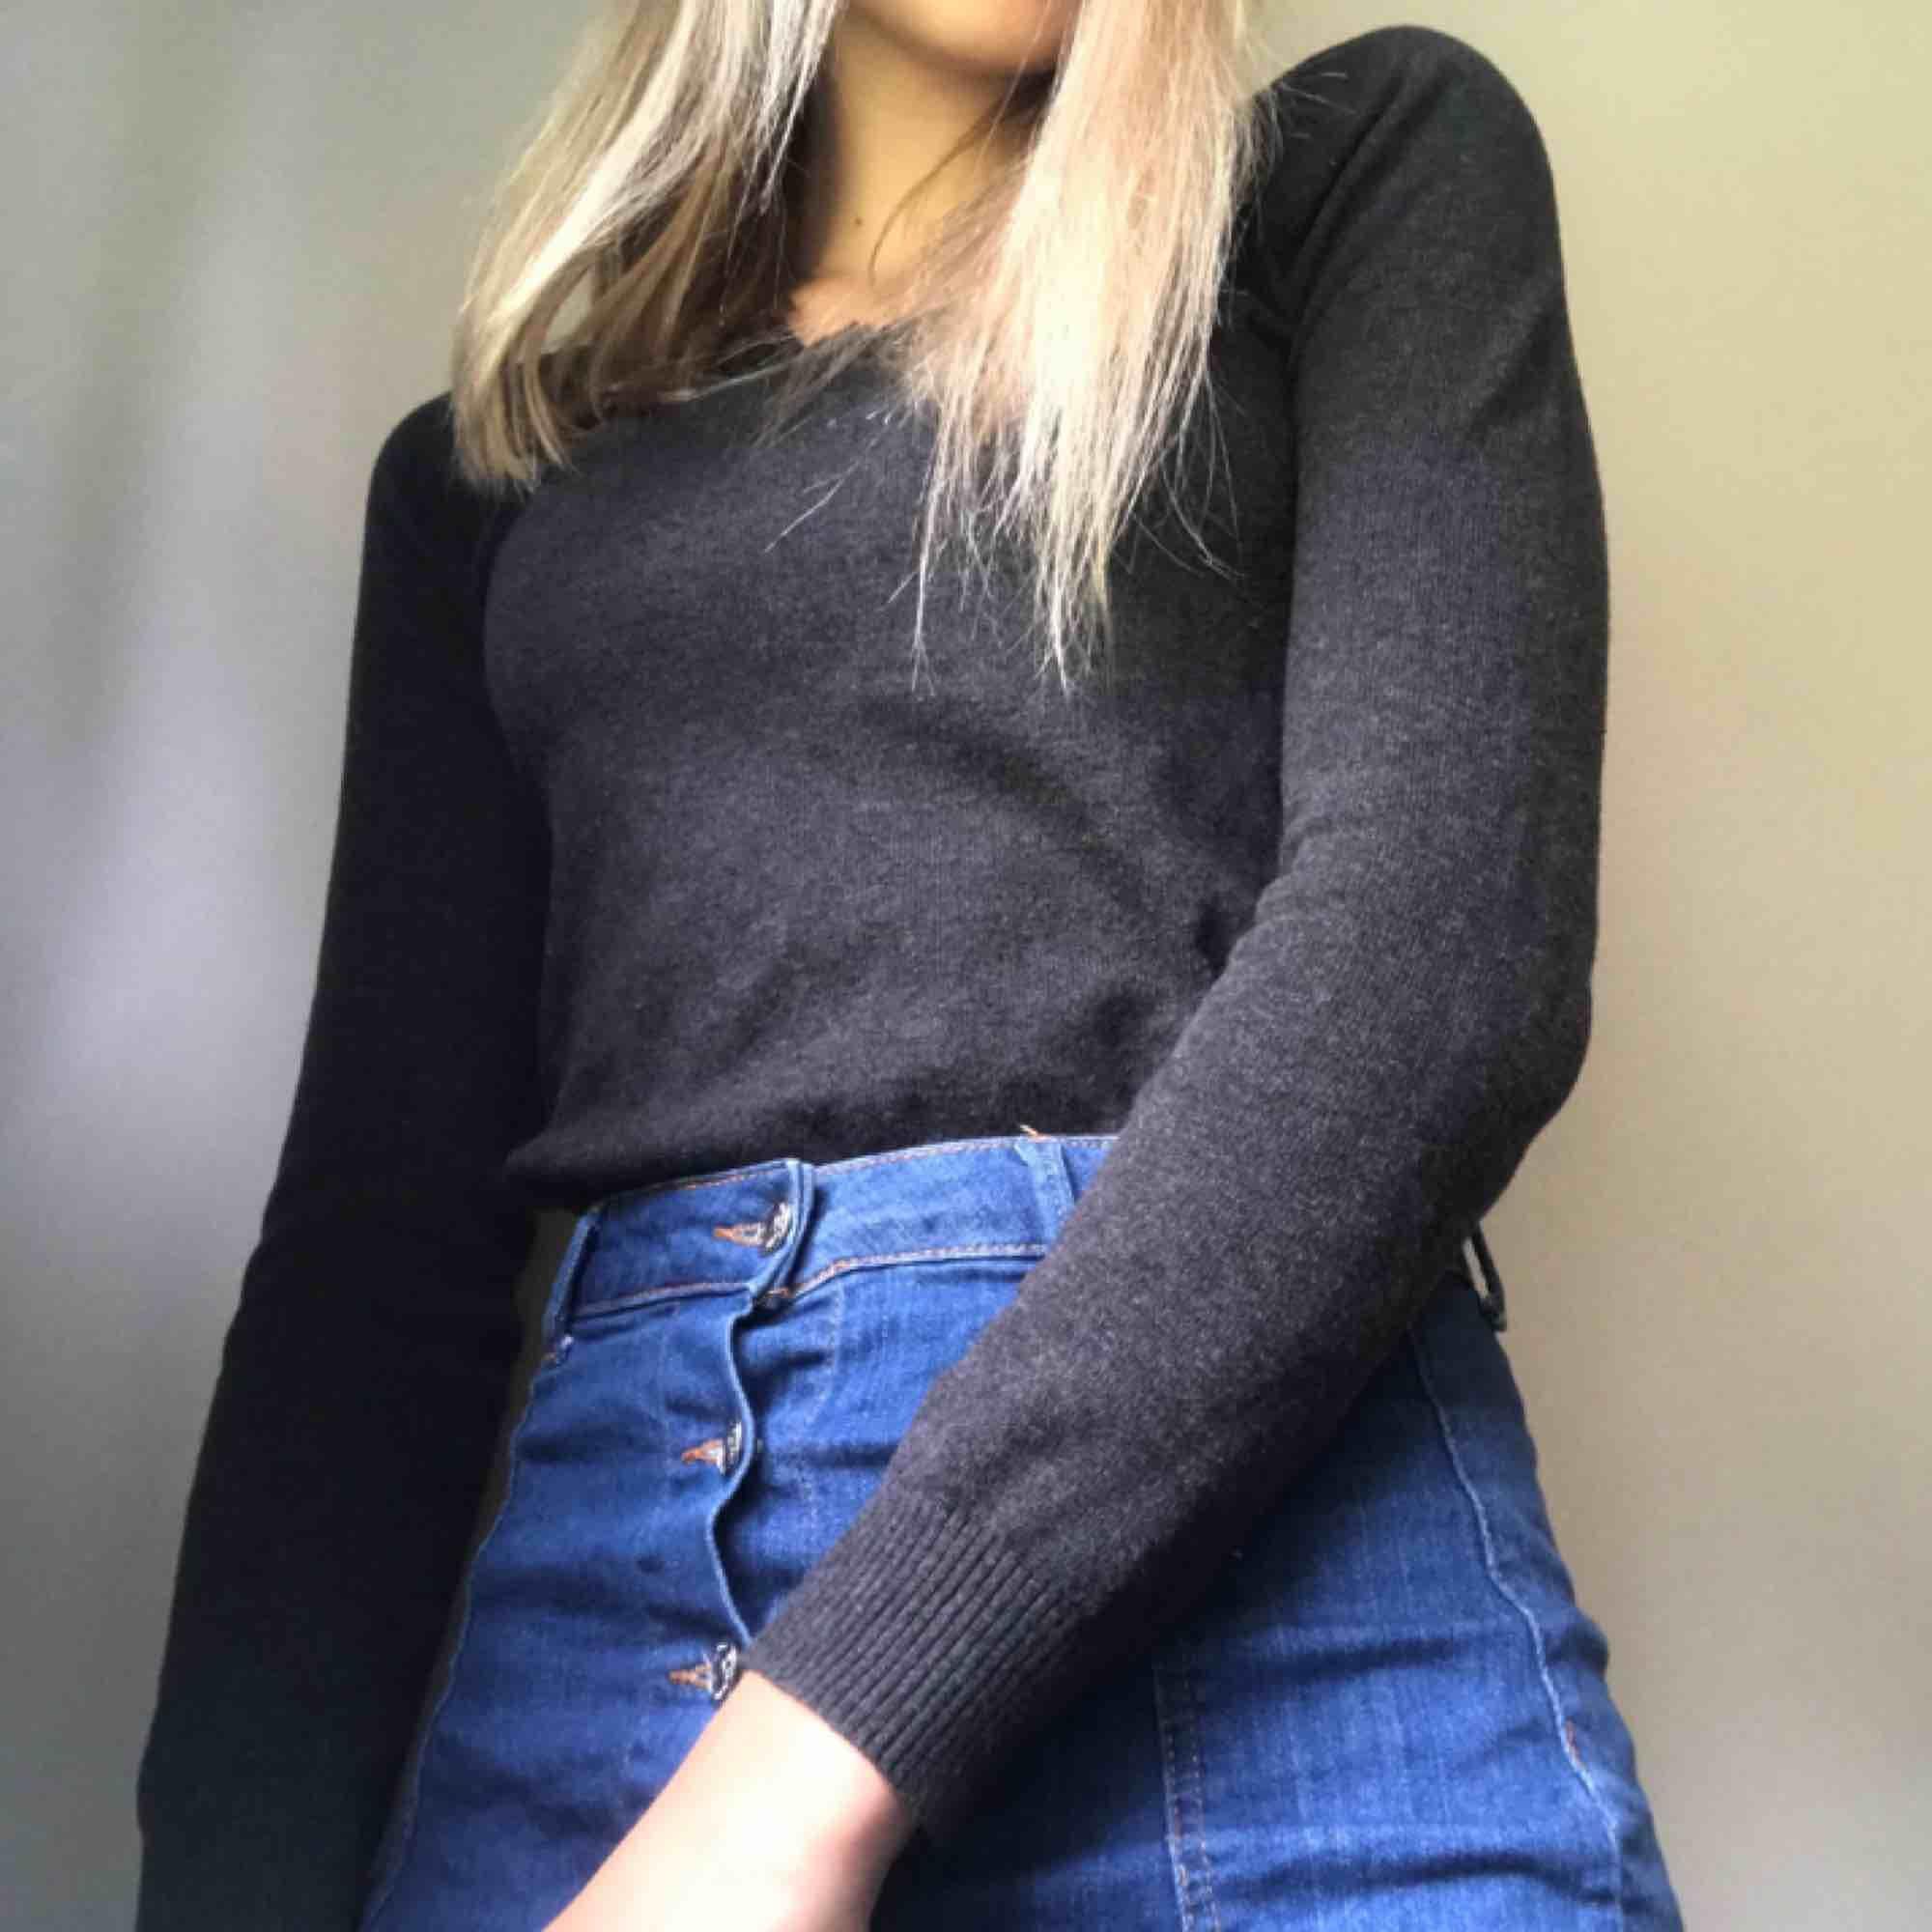 Fin grå stickad tröja från Zara. Sparsamt använd tröja som passar till det mesta! Är i storlek M men sitter bra på mig som vanligtvis är S. (Frakt tillkommer). Stickat.